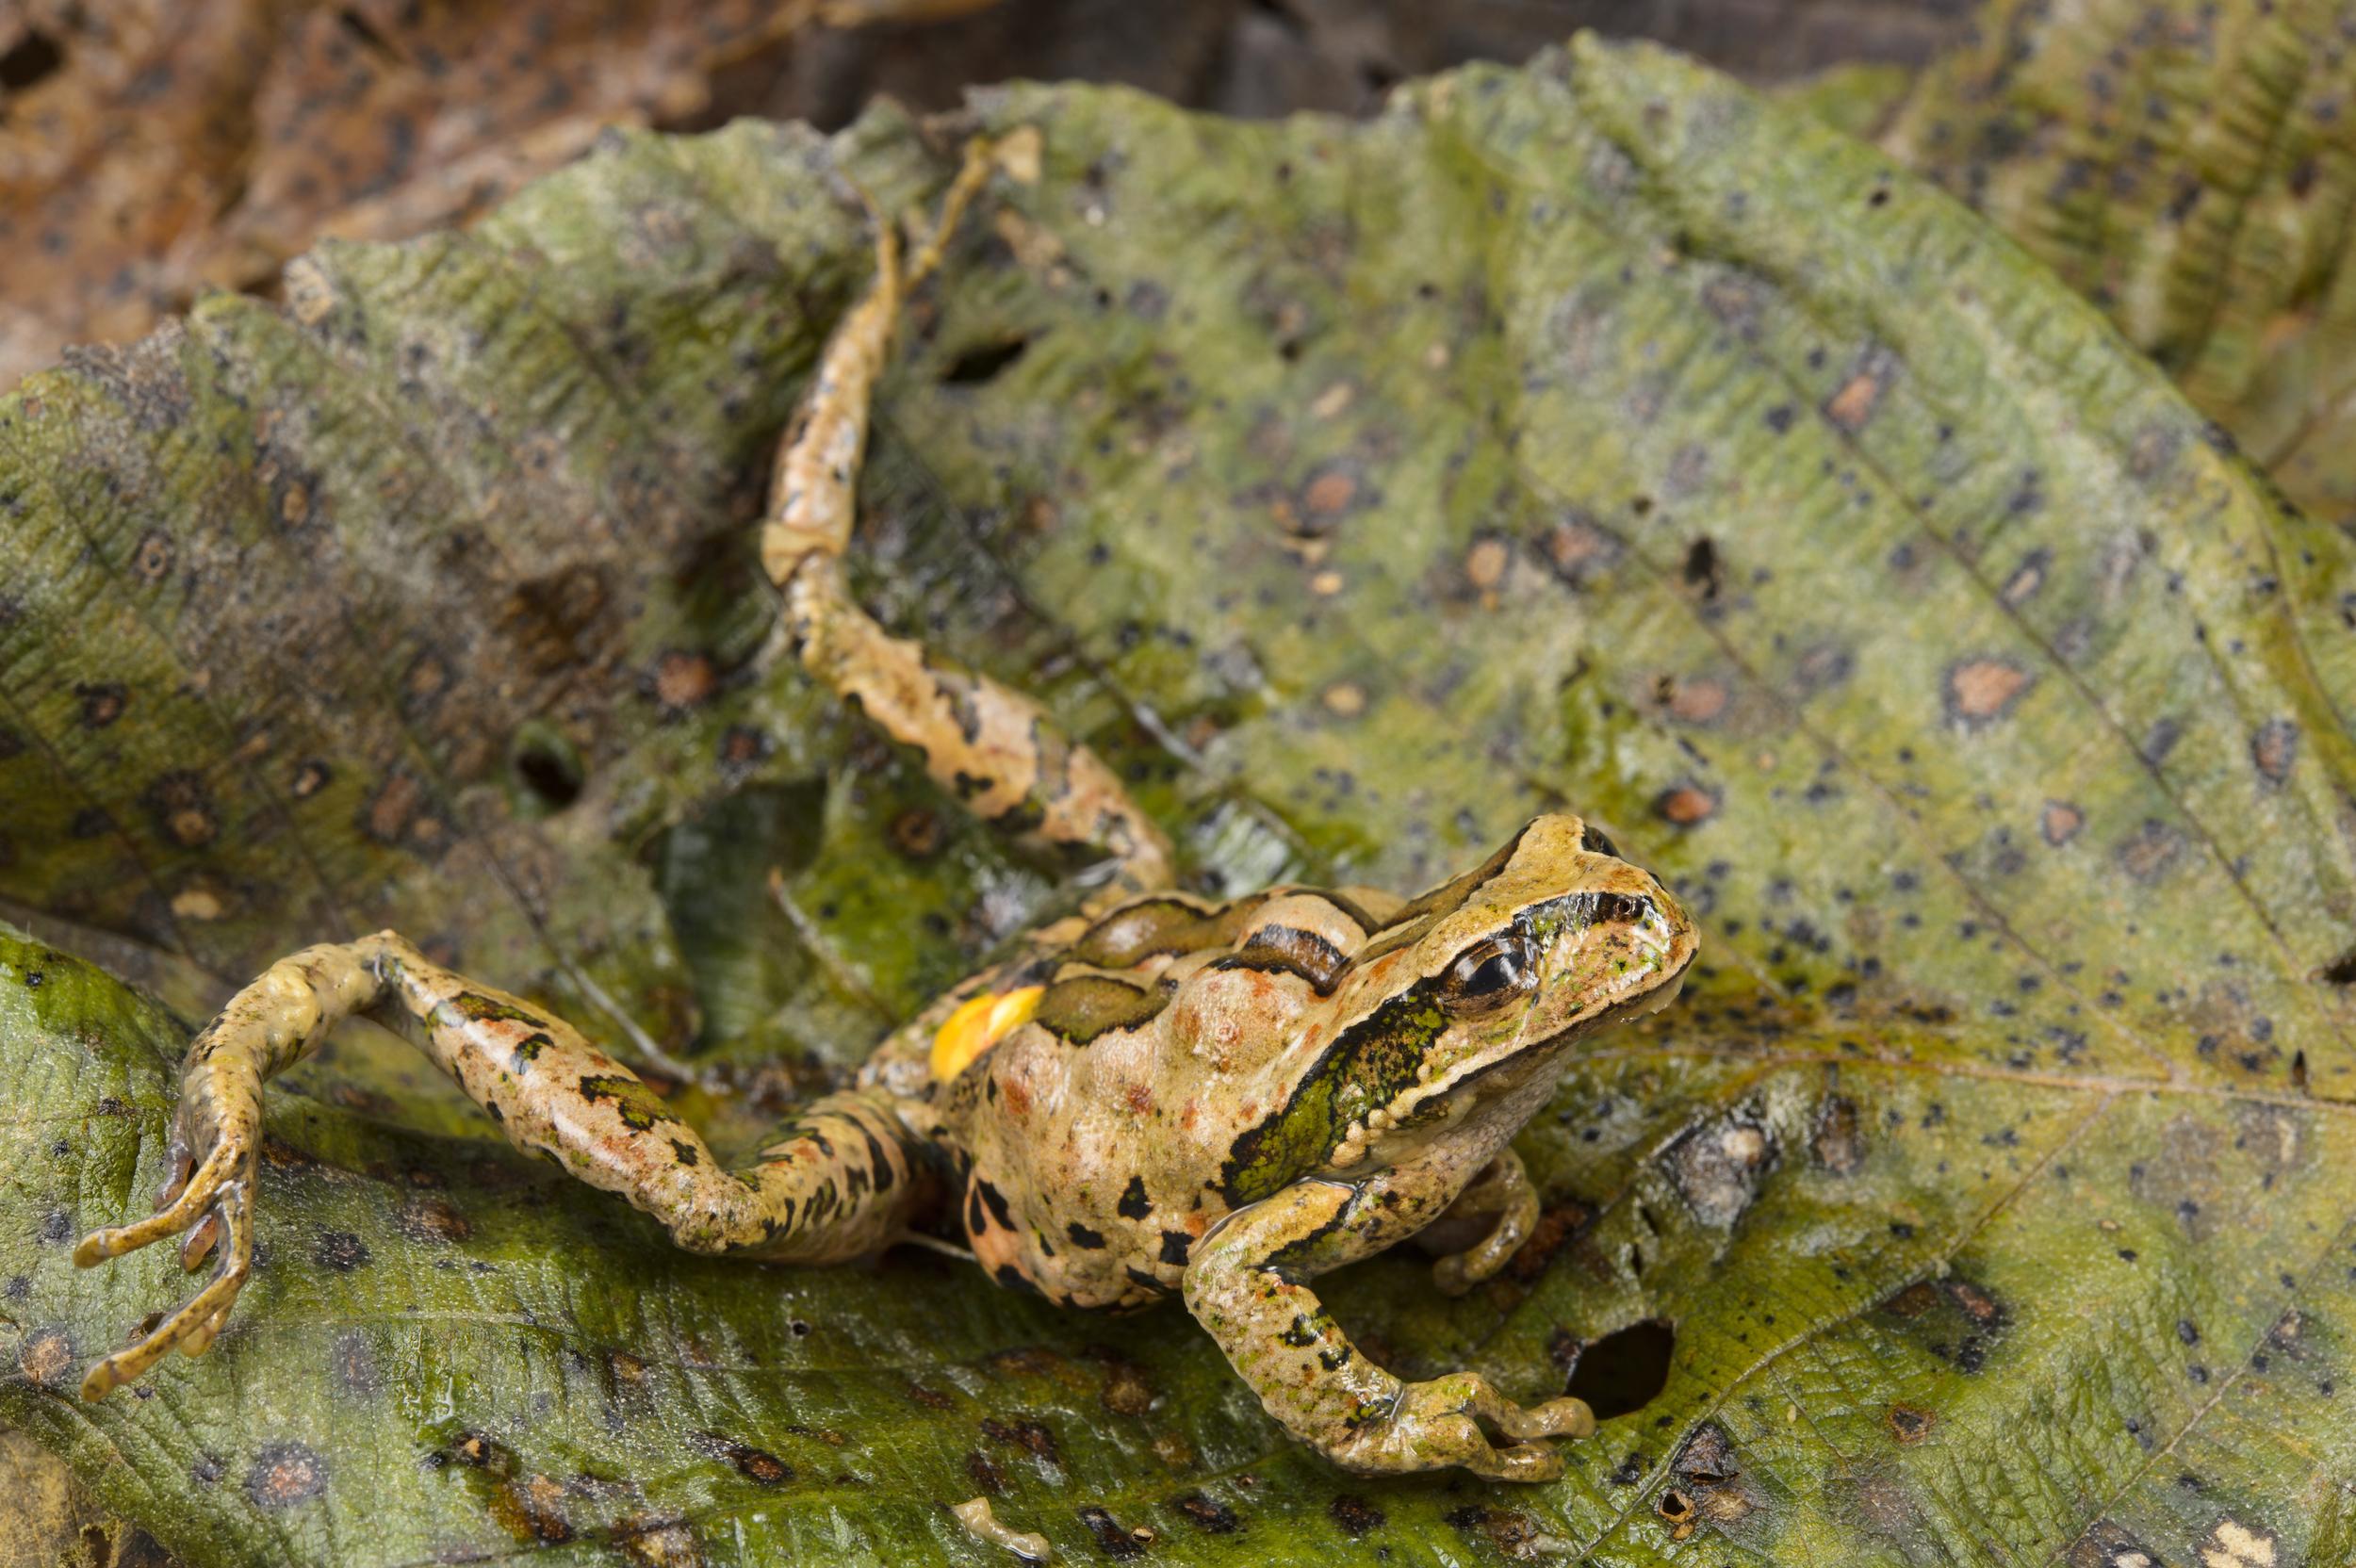 Una rana de la especie Gastrotheca excubitor en los Andes sufre un paro cardiaco debido a la presencia del hongo en su organismo. Foto: Emmanuele Biggi.